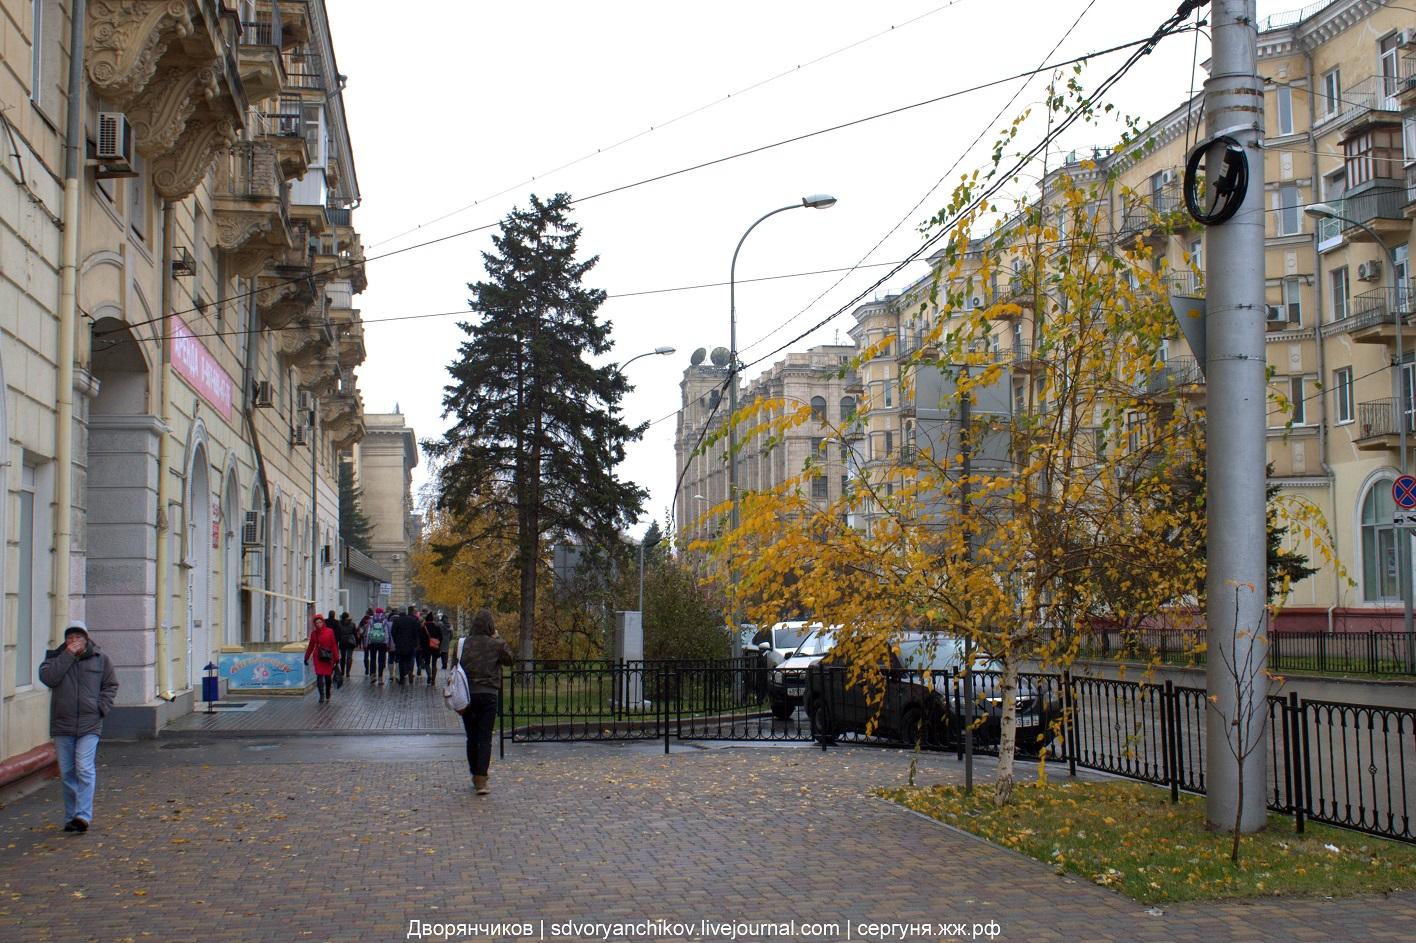 Волгоград - прогулка по городу - 13 ноября 2016